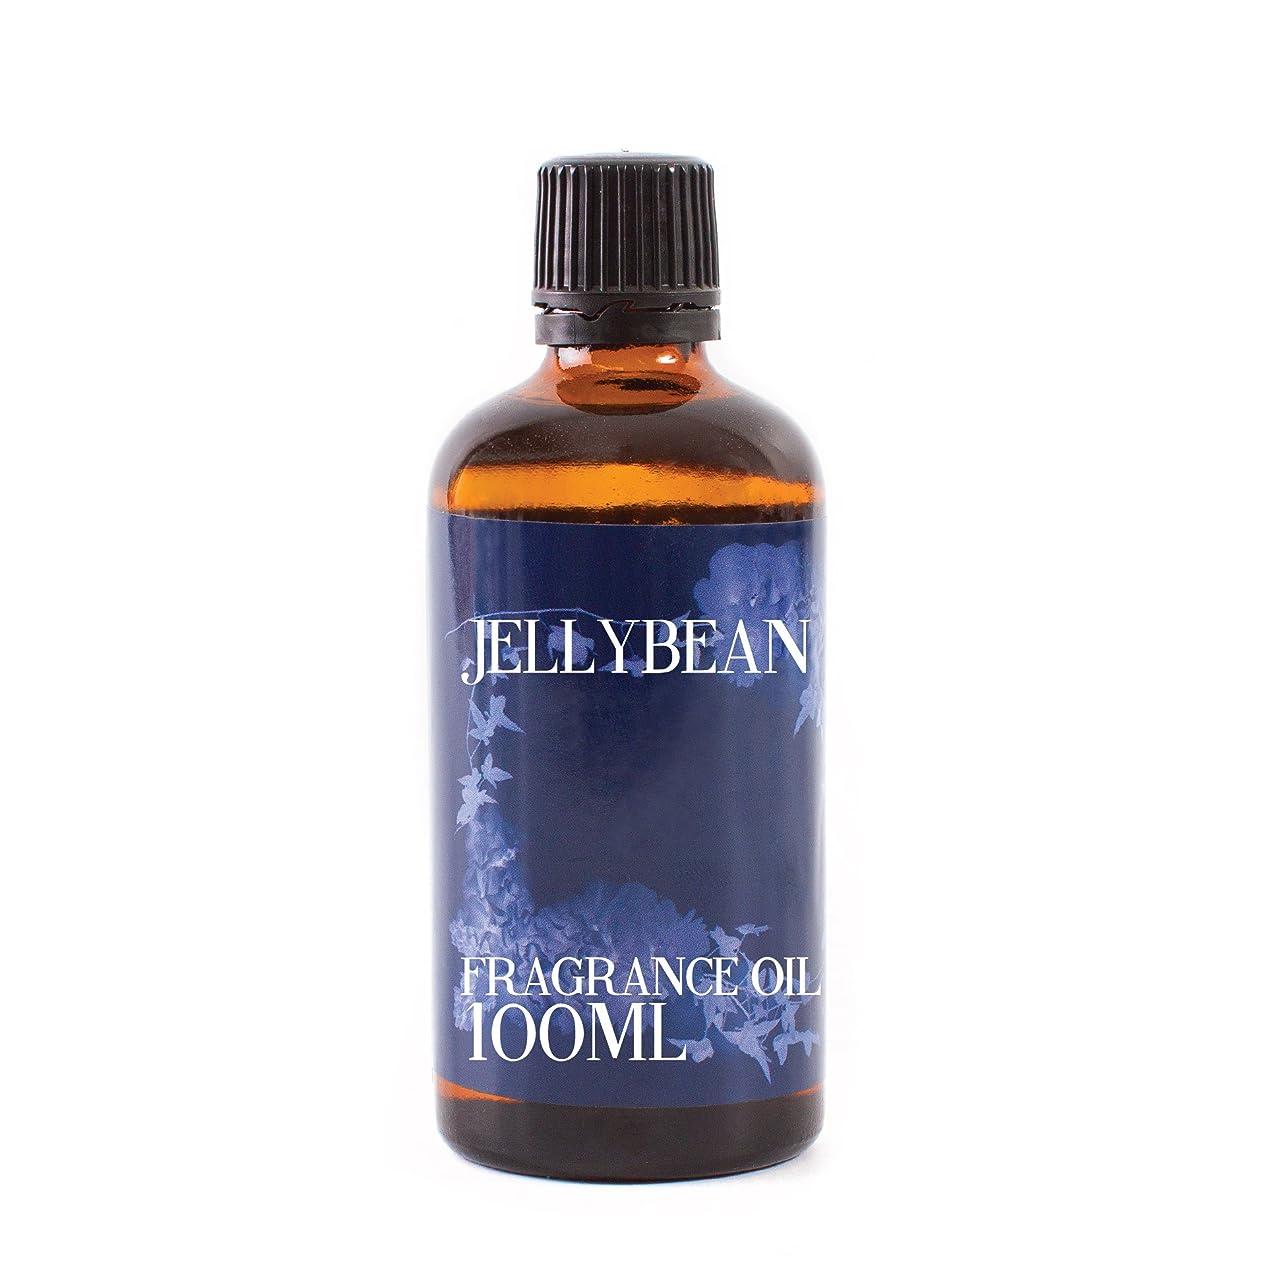 Mystic Moments | Jellybean Fragrance Oil - 100ml